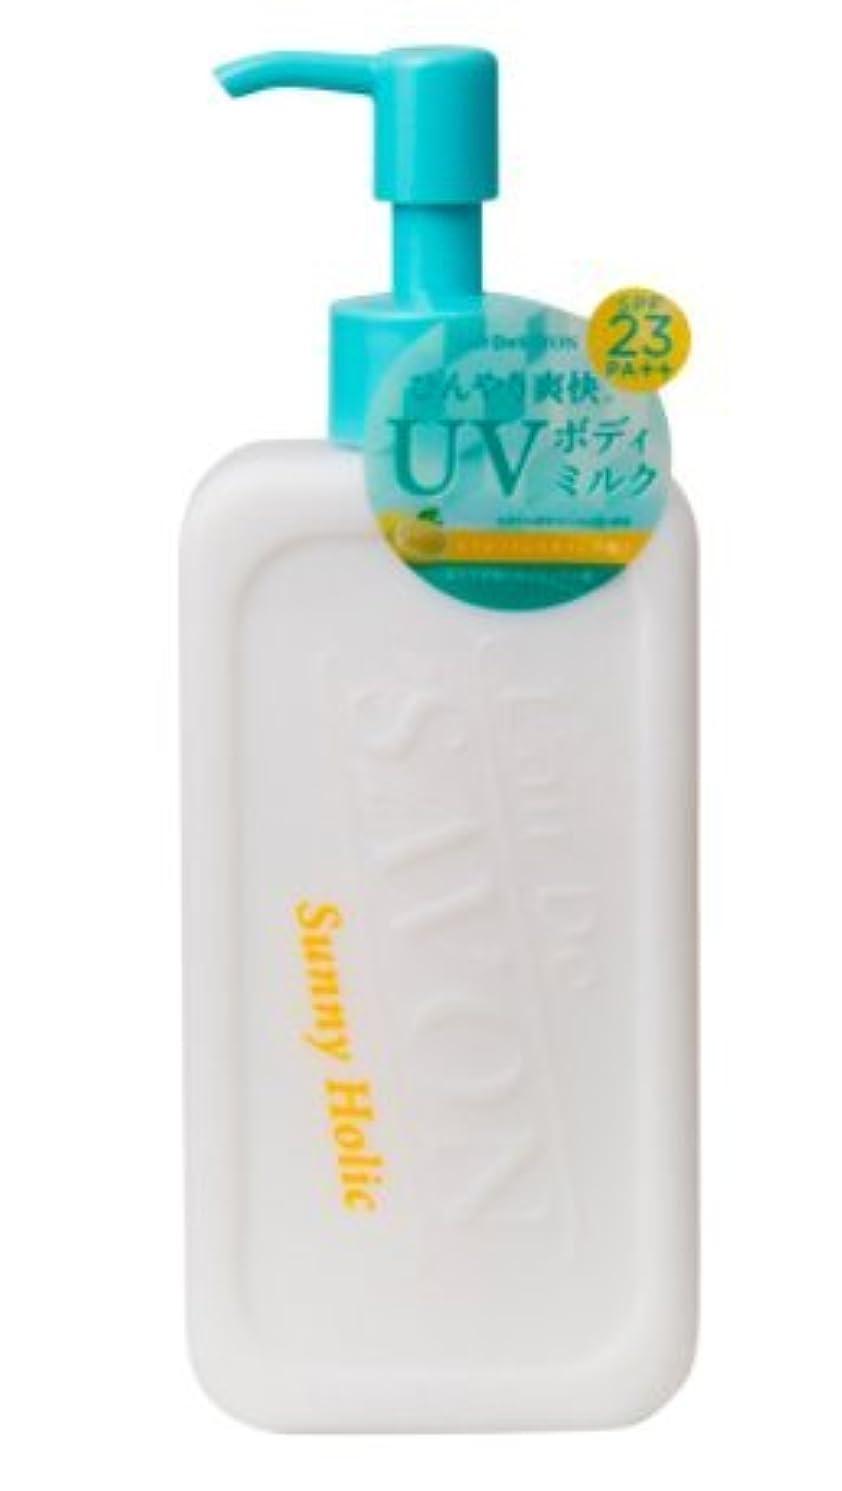 コテージ製造人差し指レール デュ サボン L'air De SAVON レールデュサボン アイスミルクUV サニーホリック 200ml 数量限定品 fs